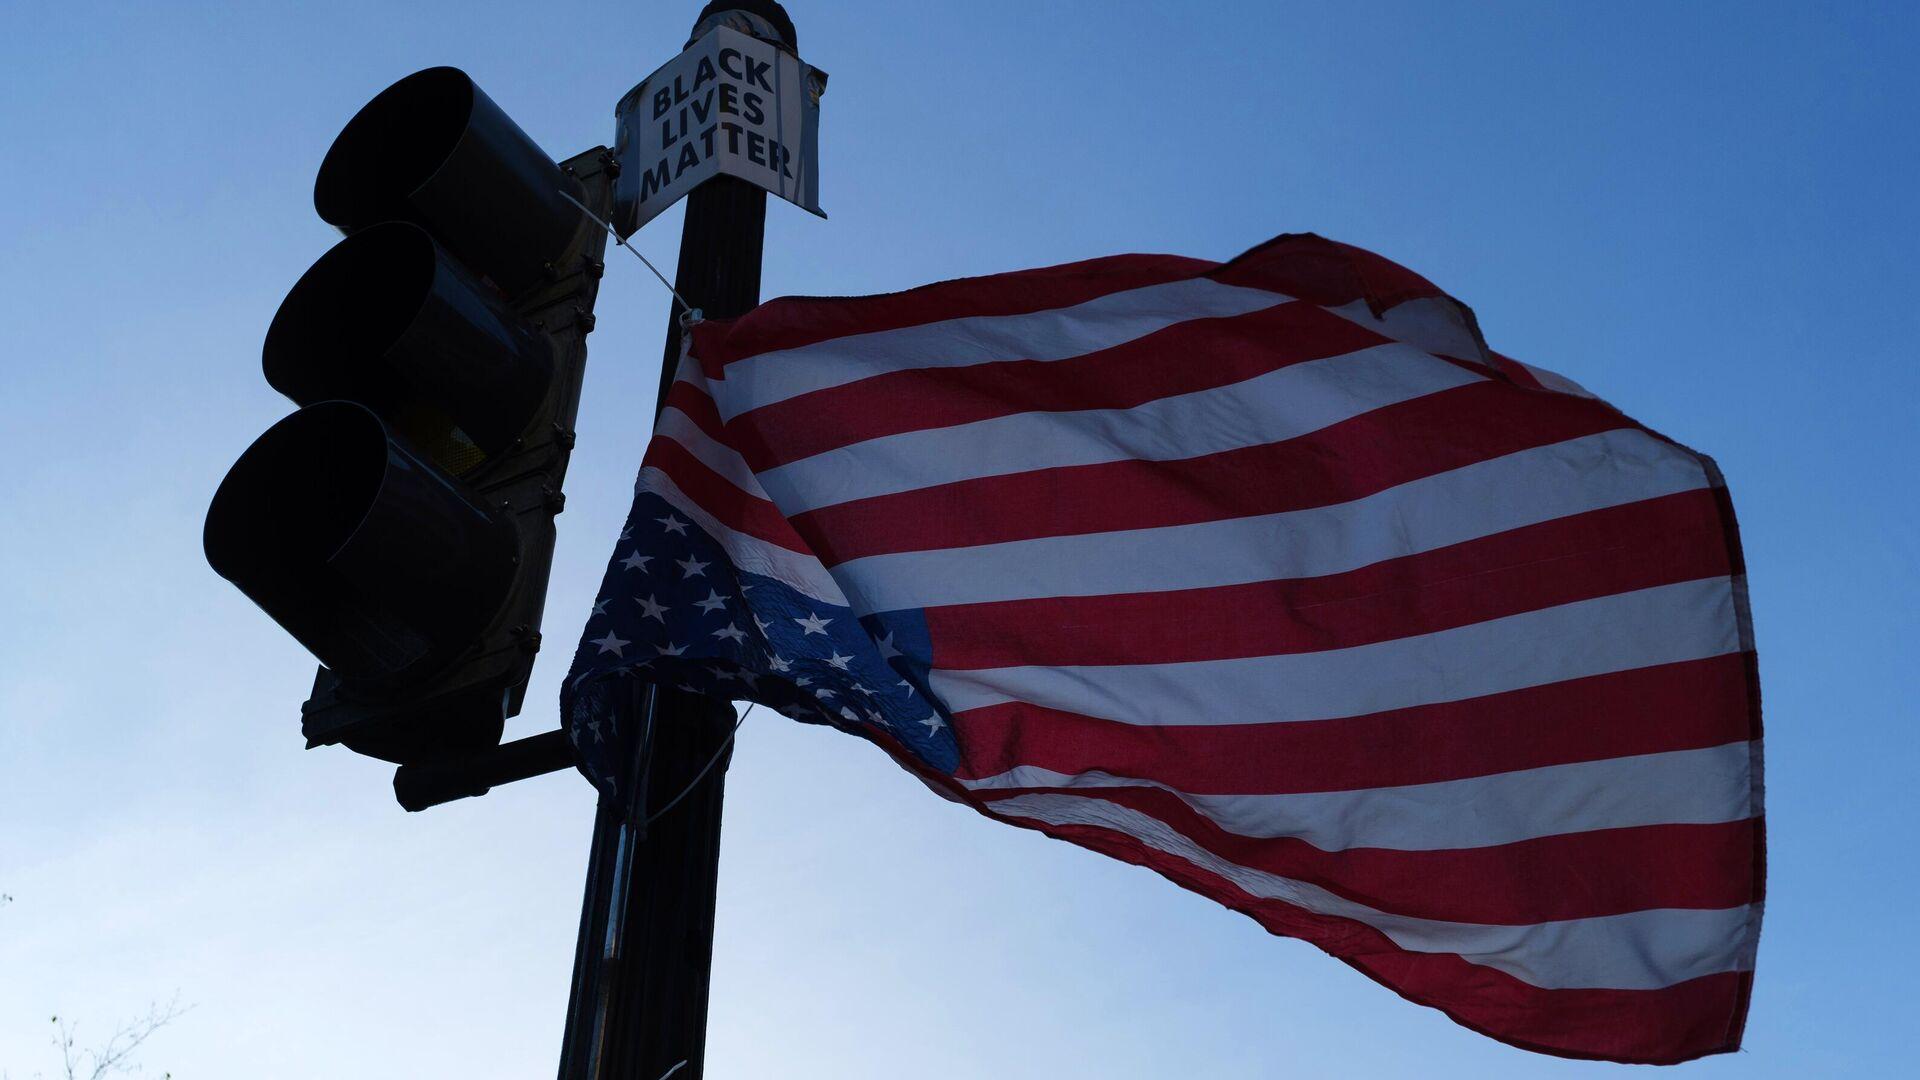 Флаг Соединенных Штатов Америки на светофоре на одной из улиц в Вашингтоне в преддверии выборов президента США - РИА Новости, 1920, 08.12.2020